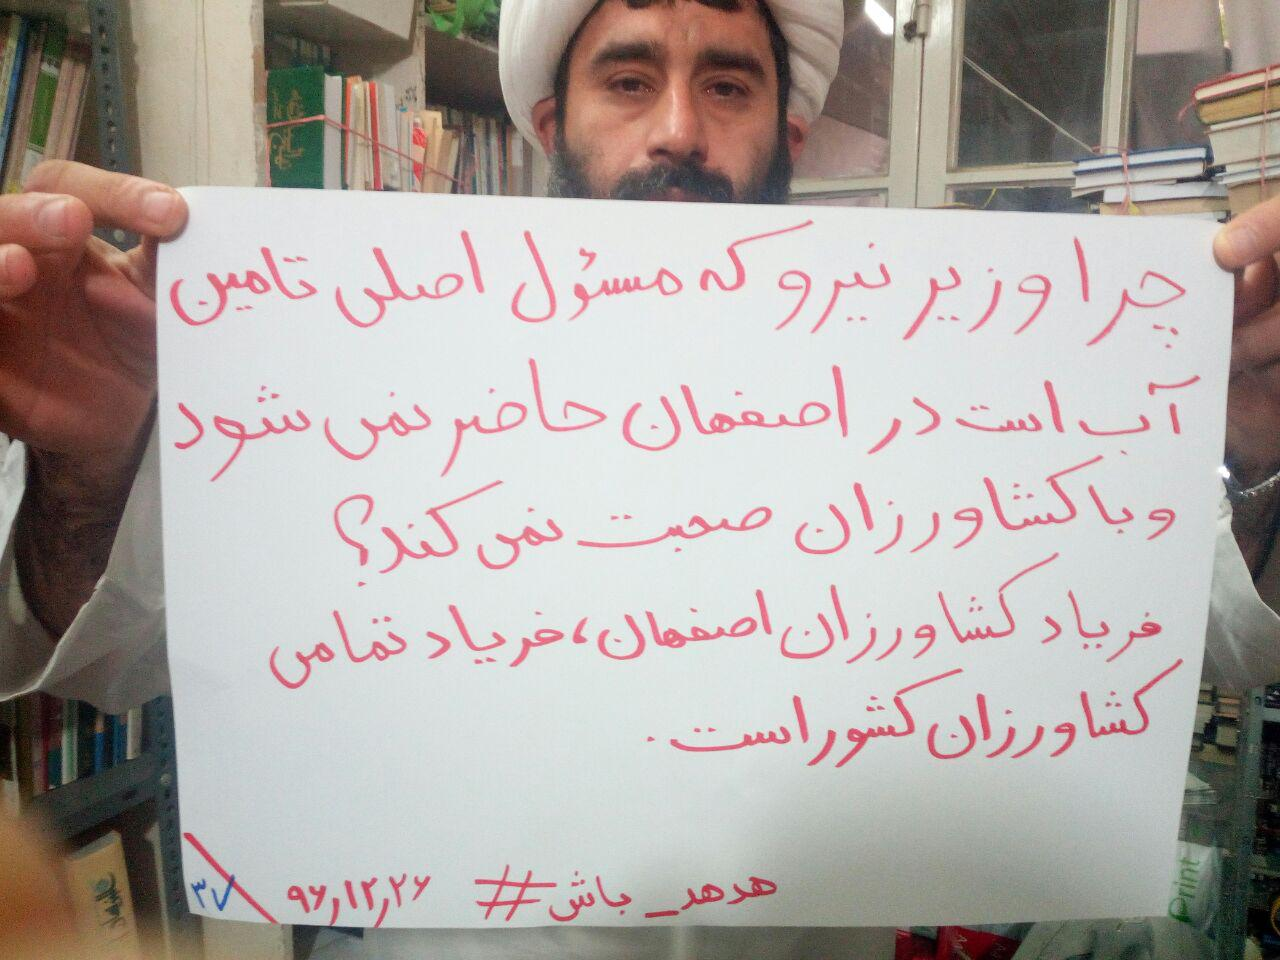 علی بهرامی نیکو- خشکسالی - هزار و یک قطره- راهکار دو ماهه غیر عادی خشکسالی - کتاب هزار و یک قطره